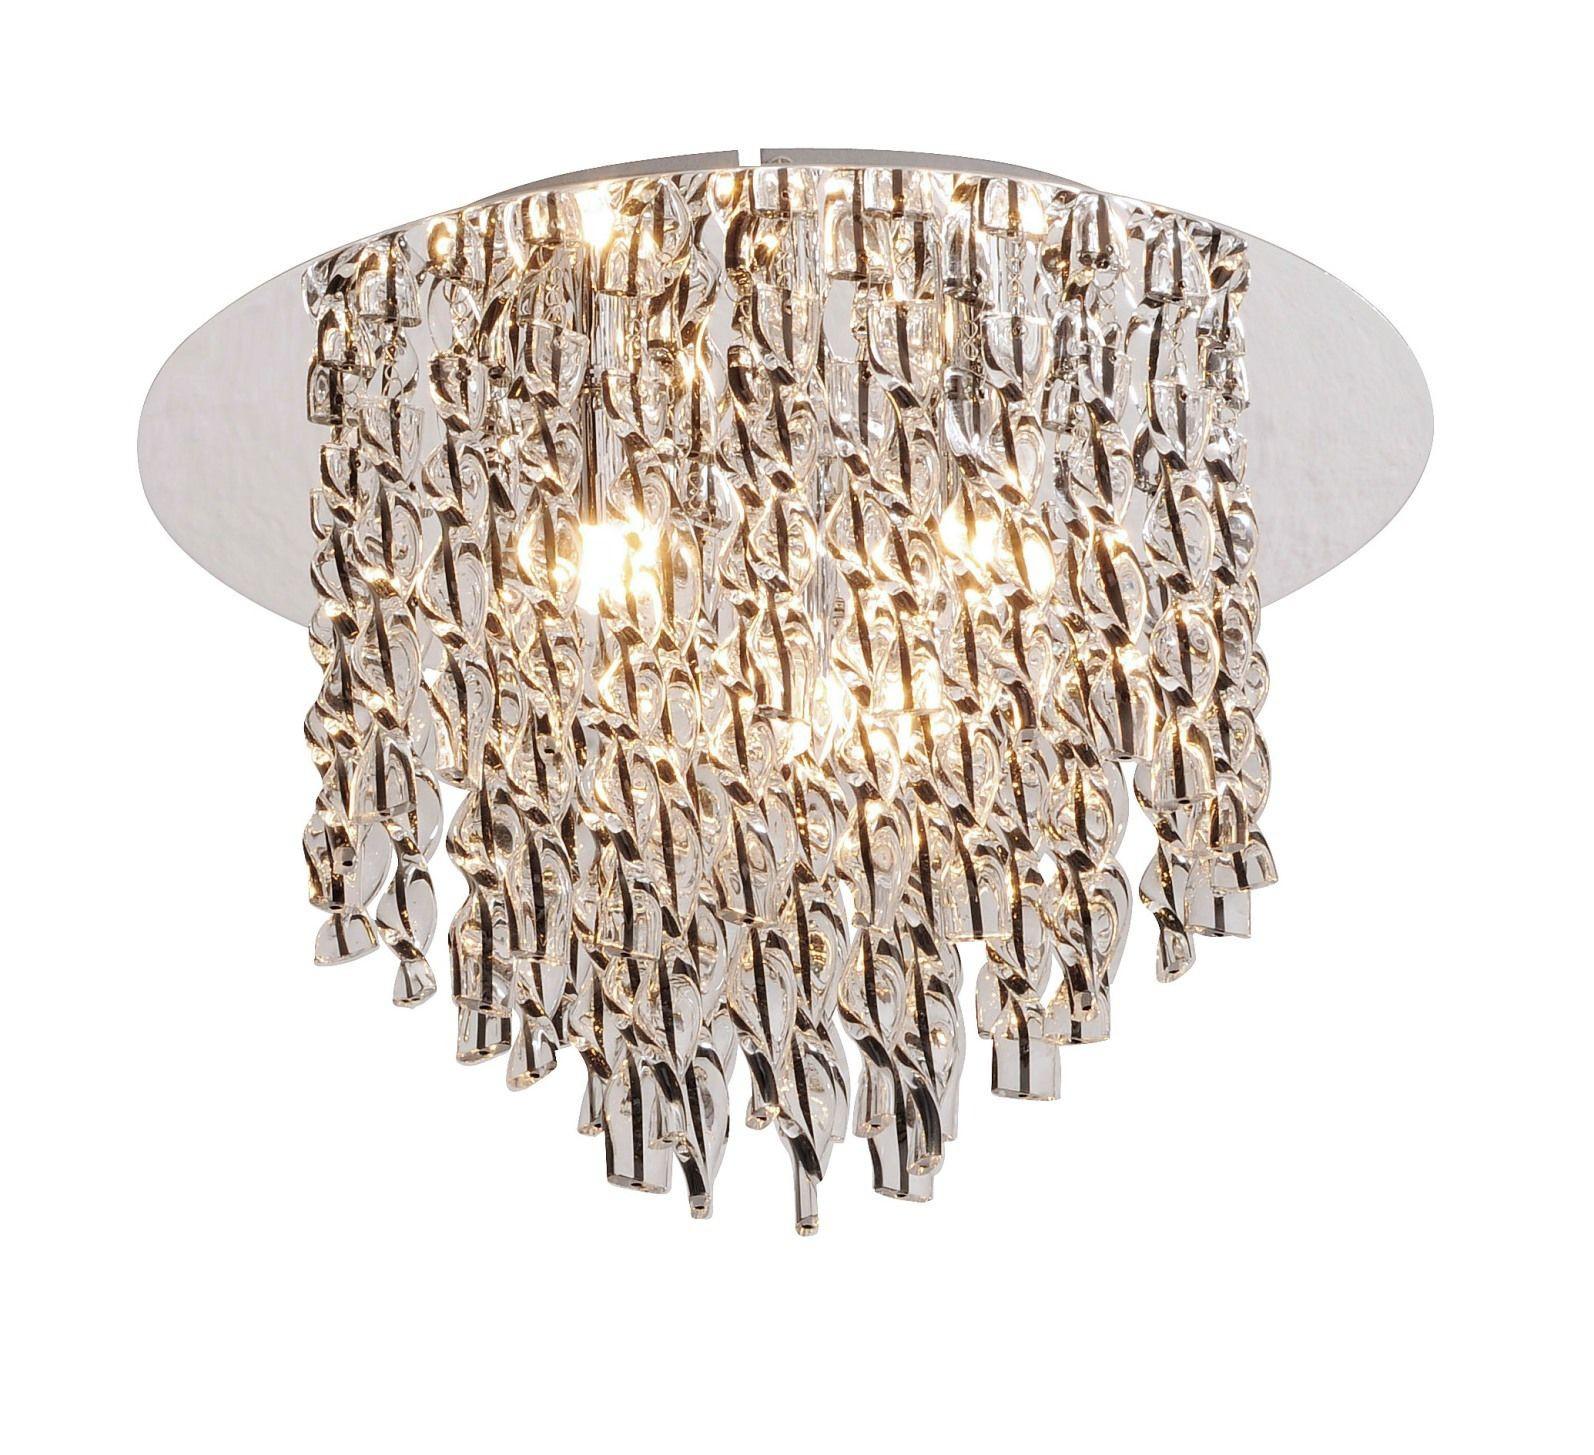 15021 17 kristall deckenleuchte chrom paul neuhaus 4x40w g9 230v leuchten deckenleuchten. Black Bedroom Furniture Sets. Home Design Ideas